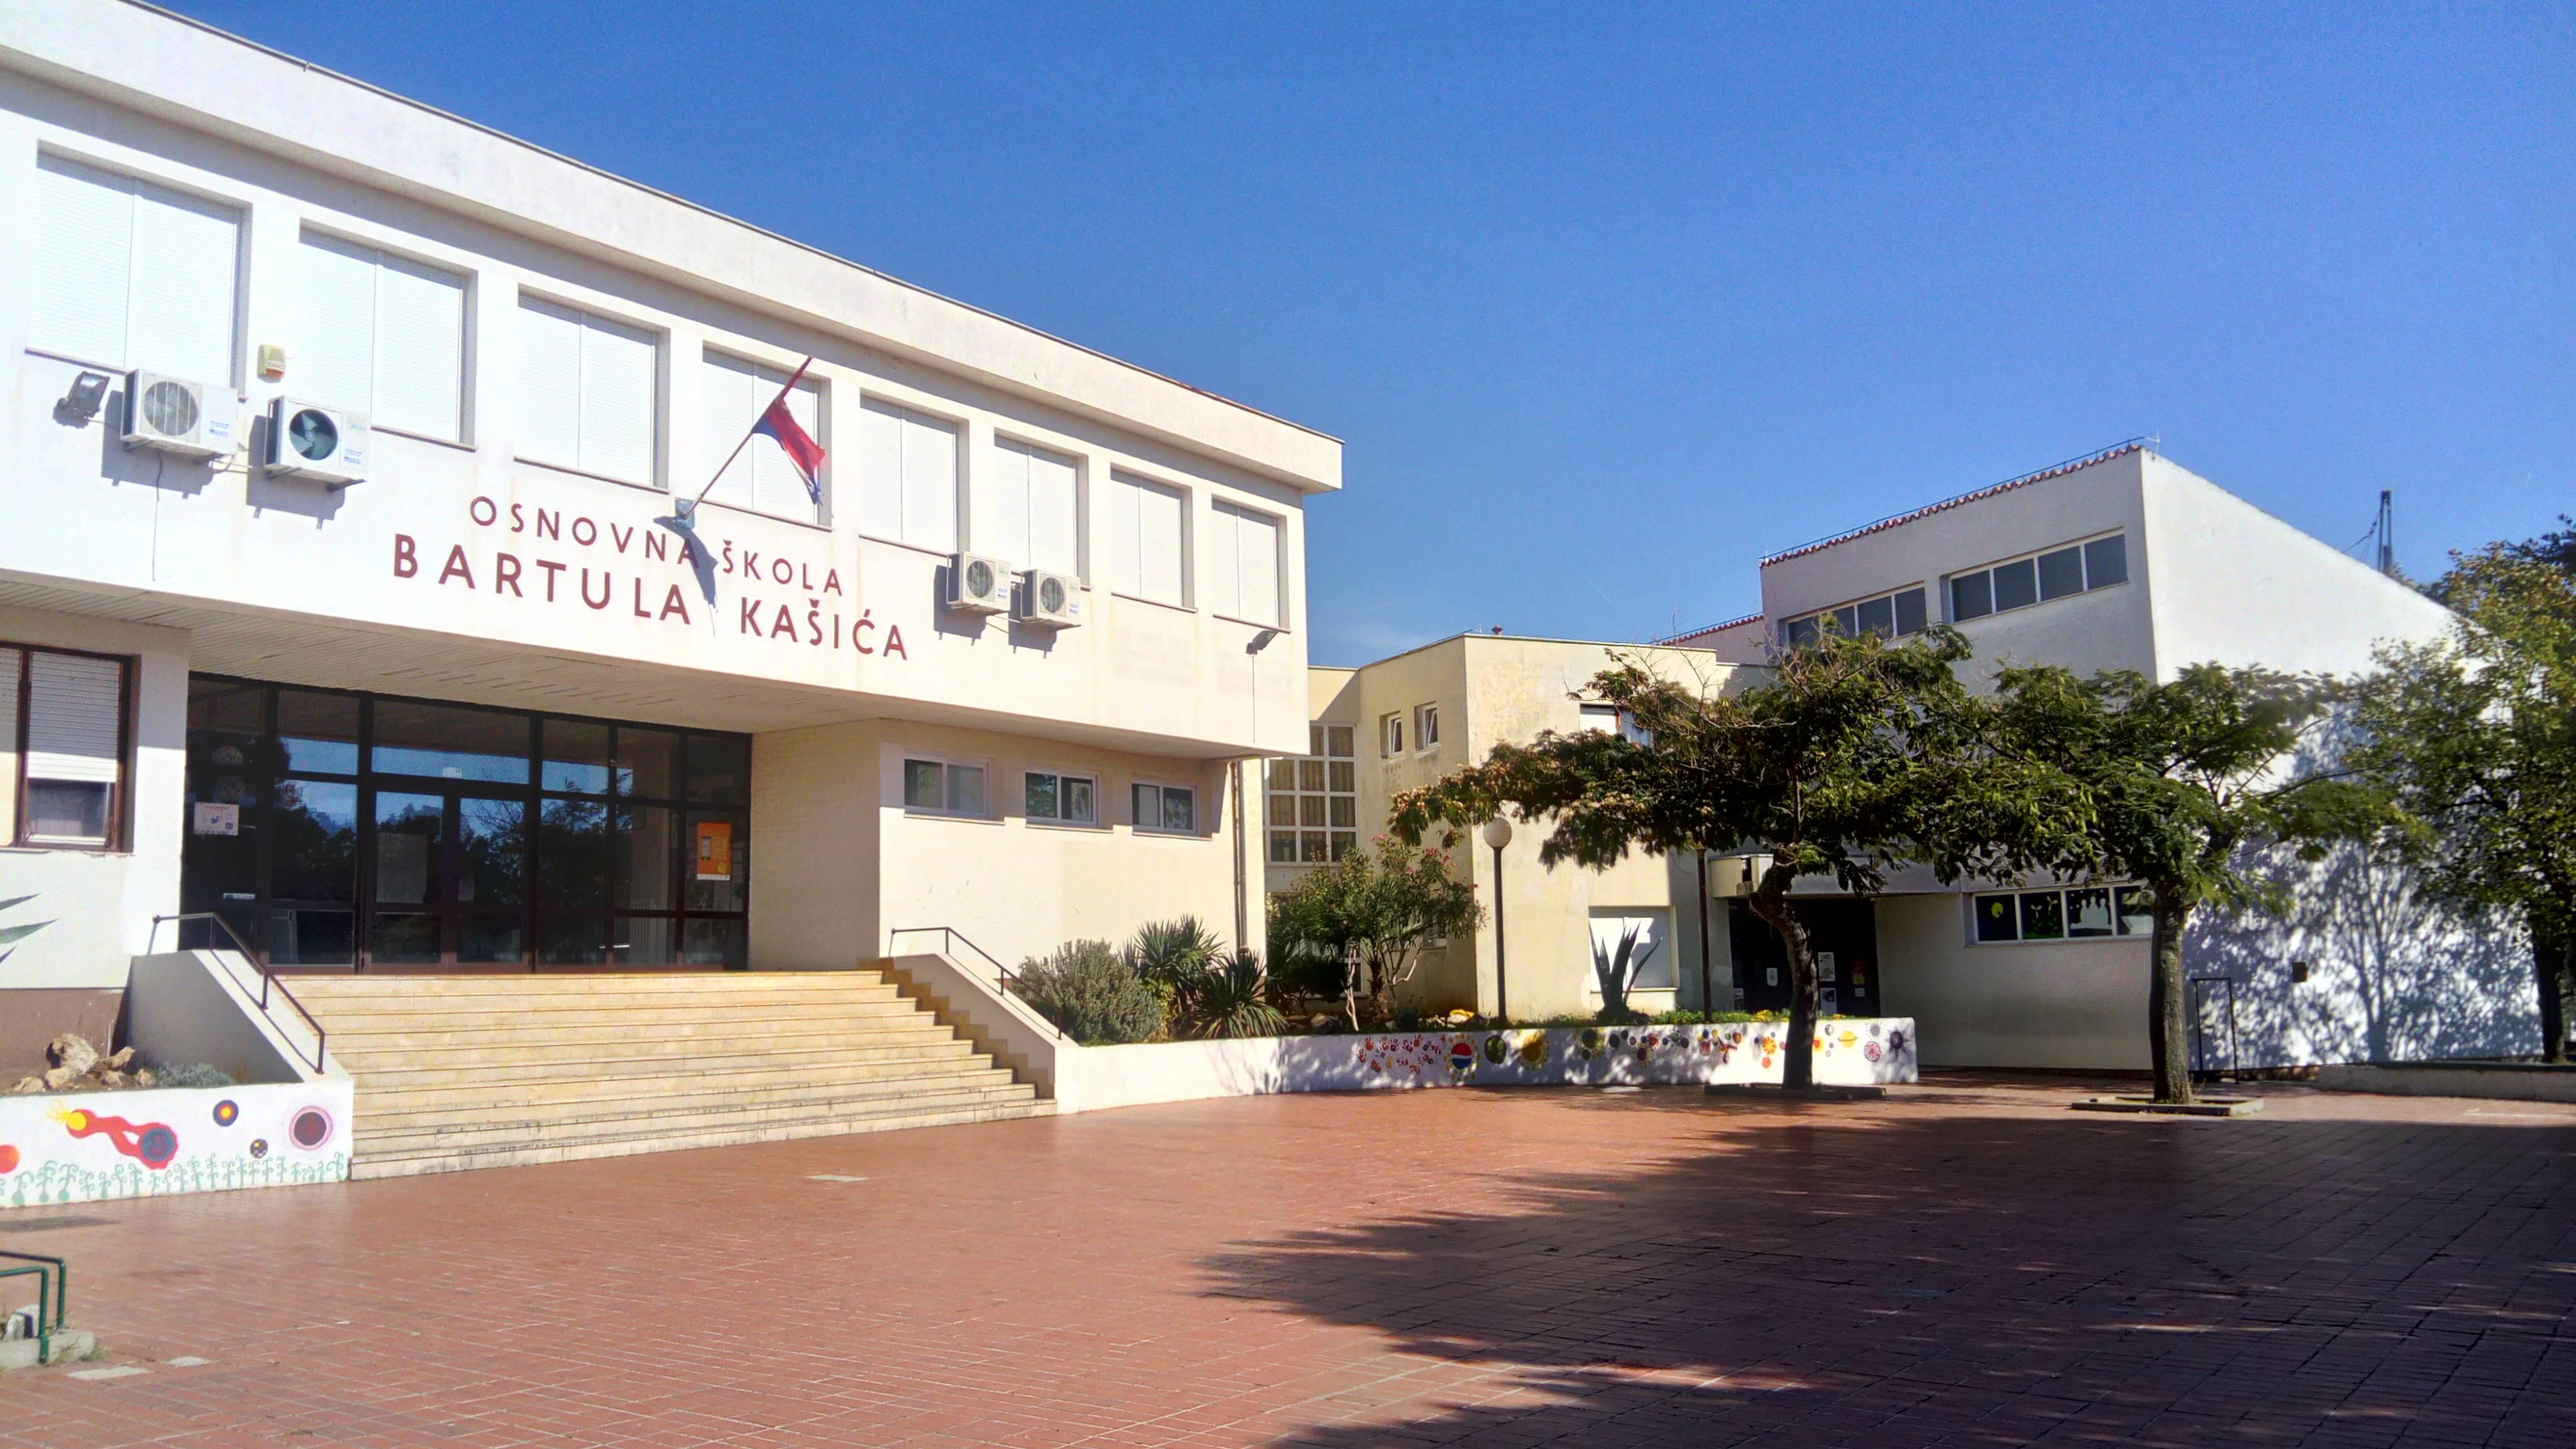 Osnovna Skola Bartula Kasica Zadar O Skoli